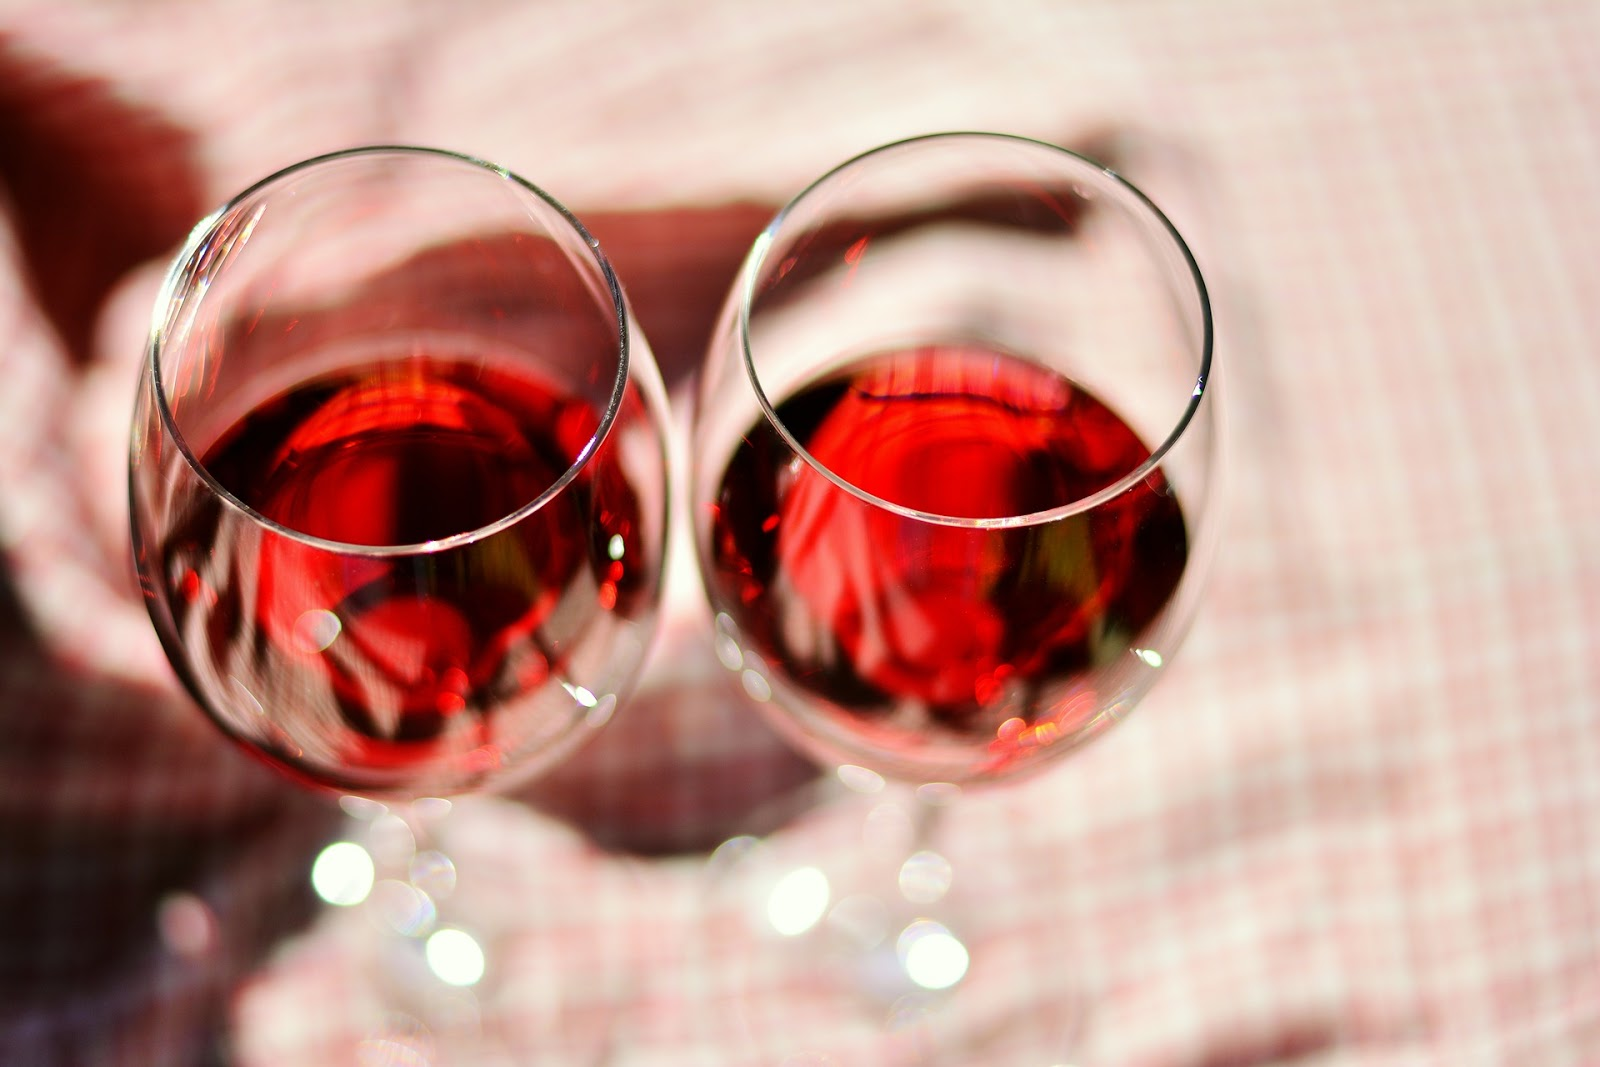 POWIEDZMY SOBIE TROSZKĘ O ALKOHOLACH!